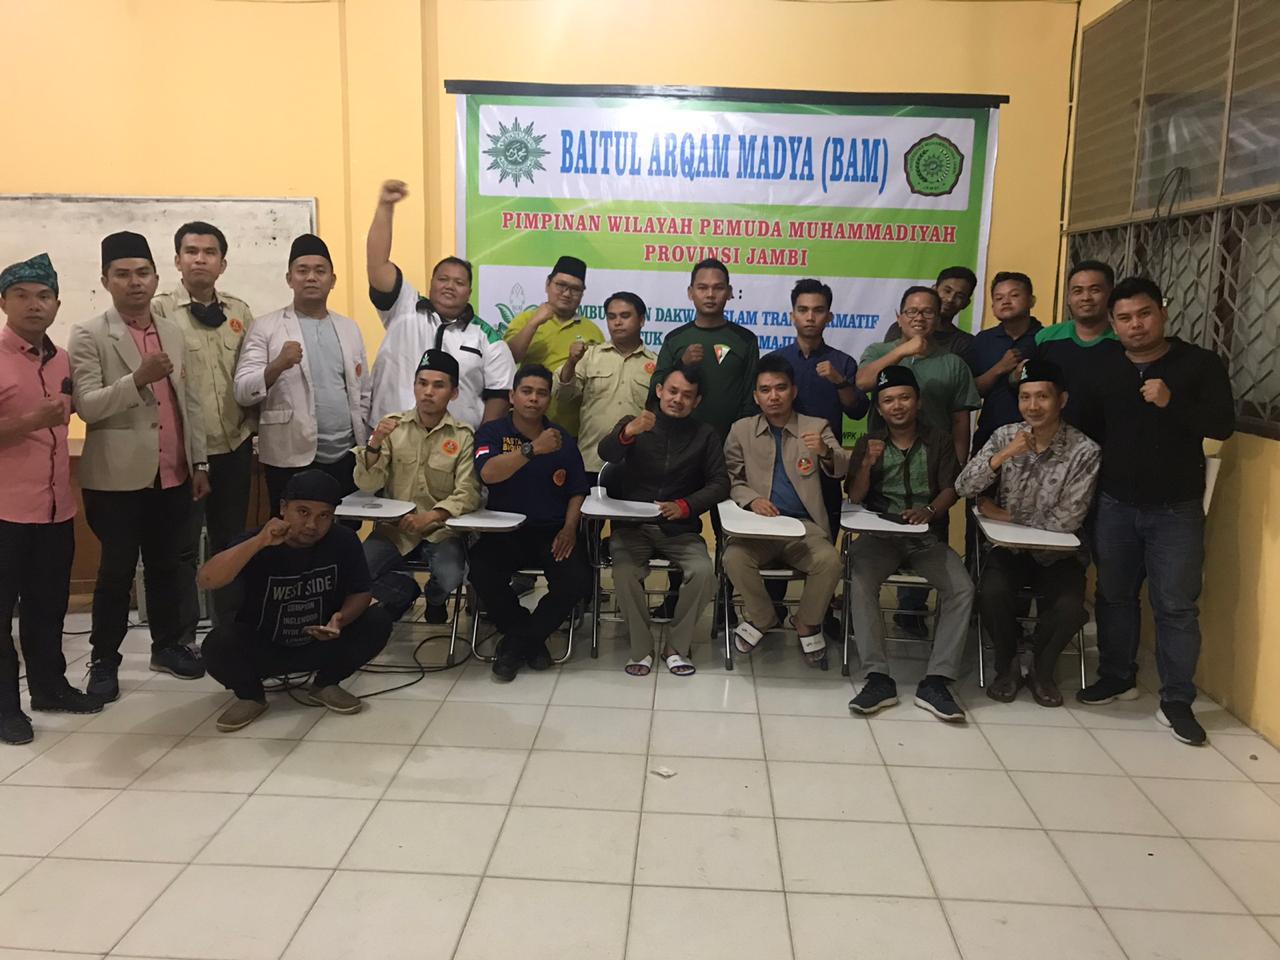 Foto bersama jajaran pengurus Pimpinan Wilayah Pemuda Muhammadiyah sesuai pelaksanaan Baitul Arqam Madya